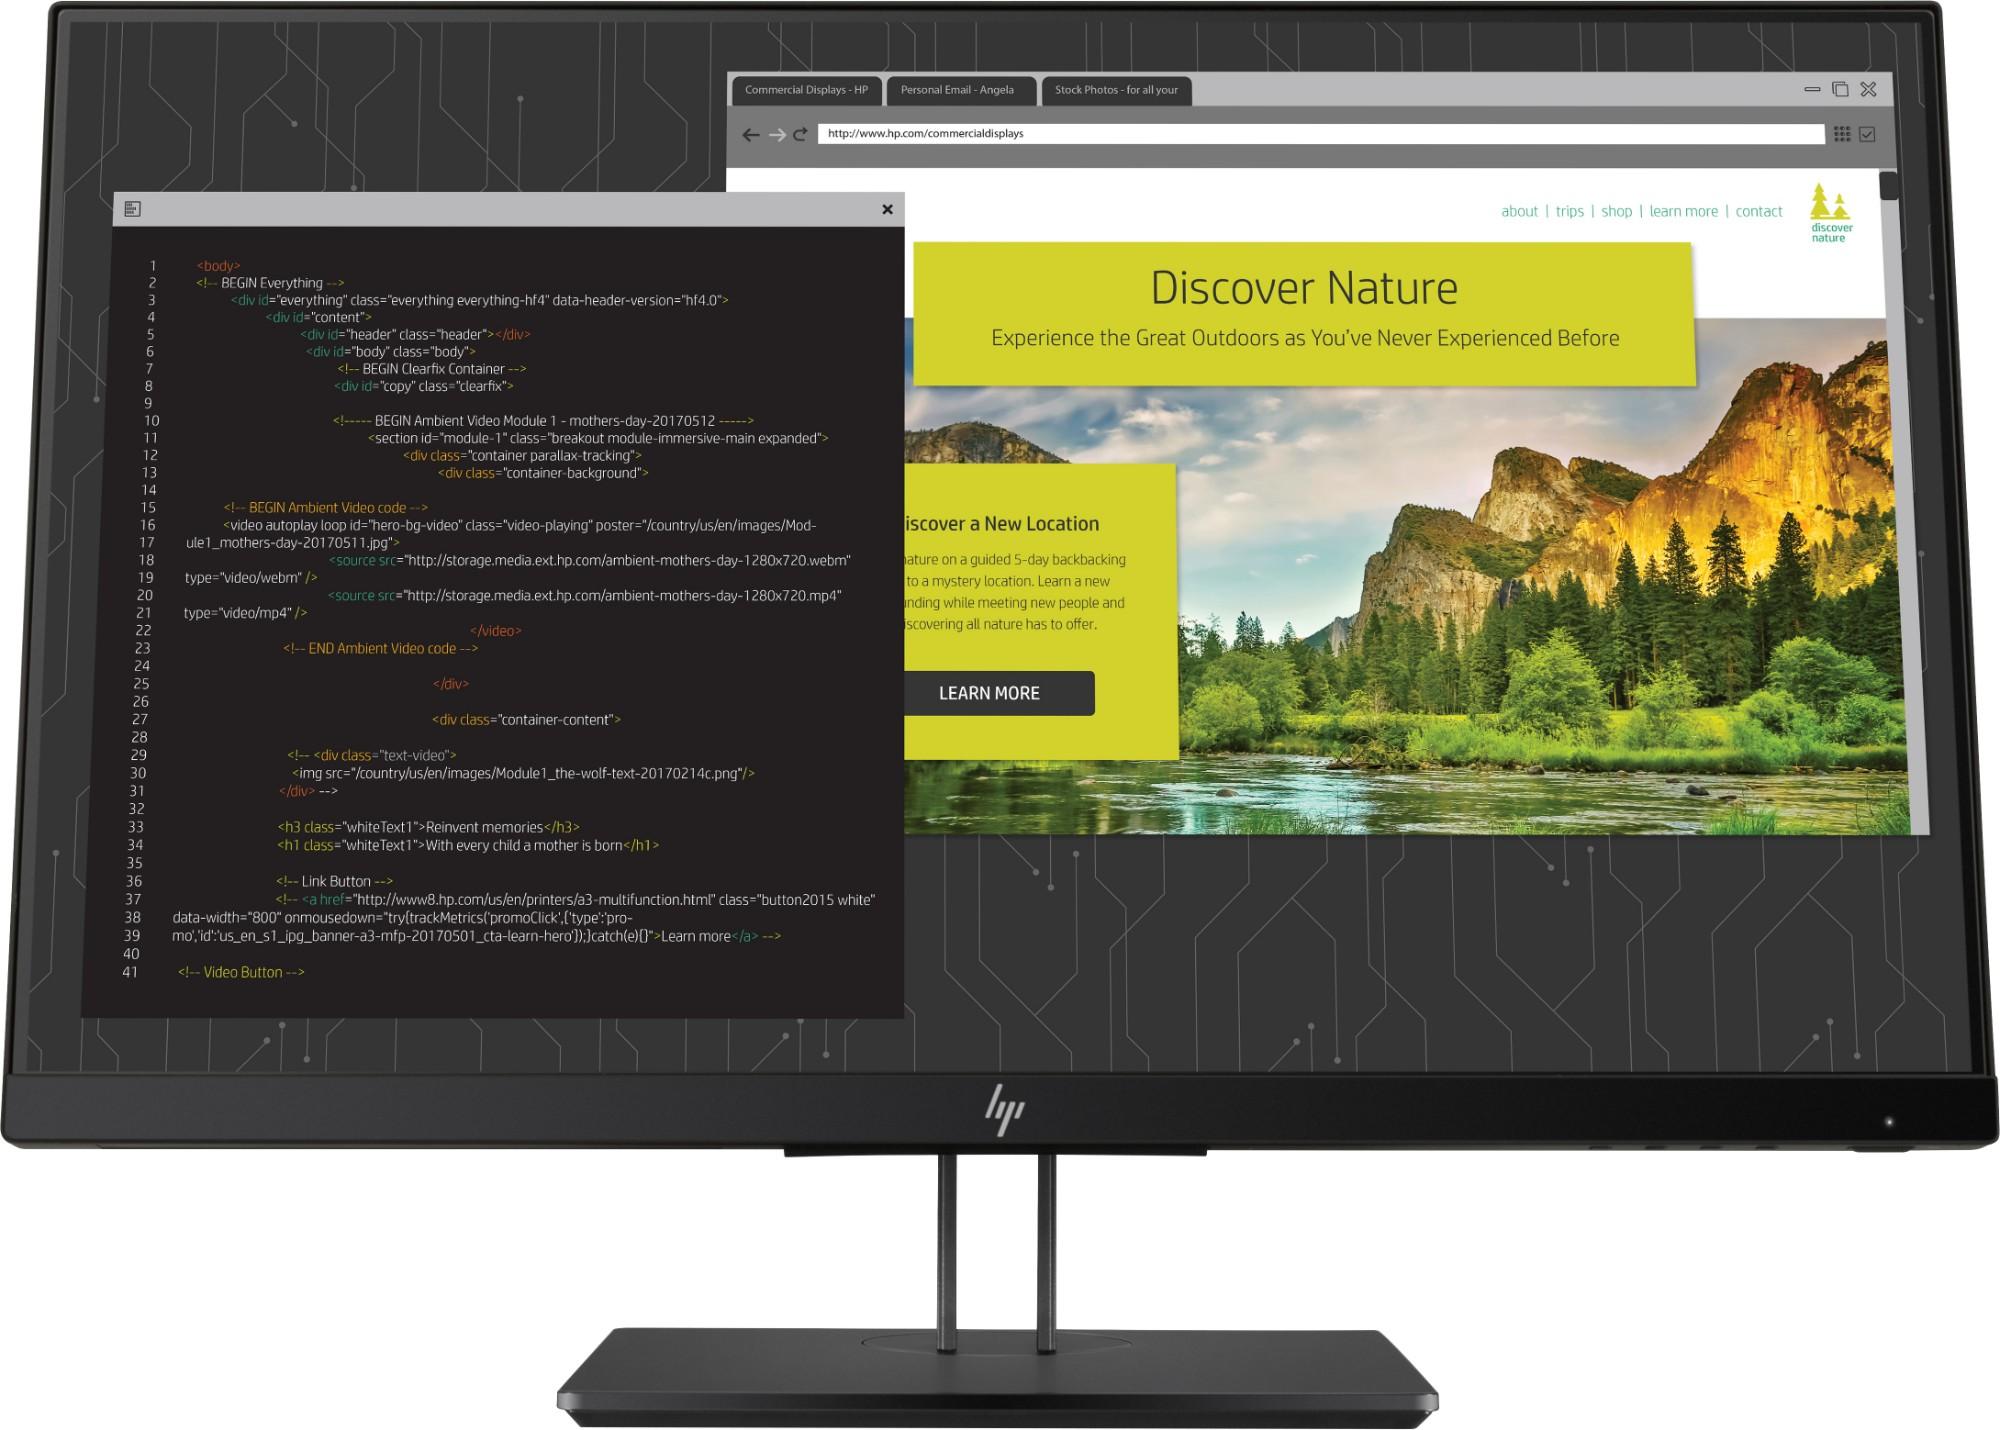 """HP Z24nf G2 computer monitor 60.5 cm (23.8"""") 1920 x 1080 pixels Full HD LED Flat Matt Black"""